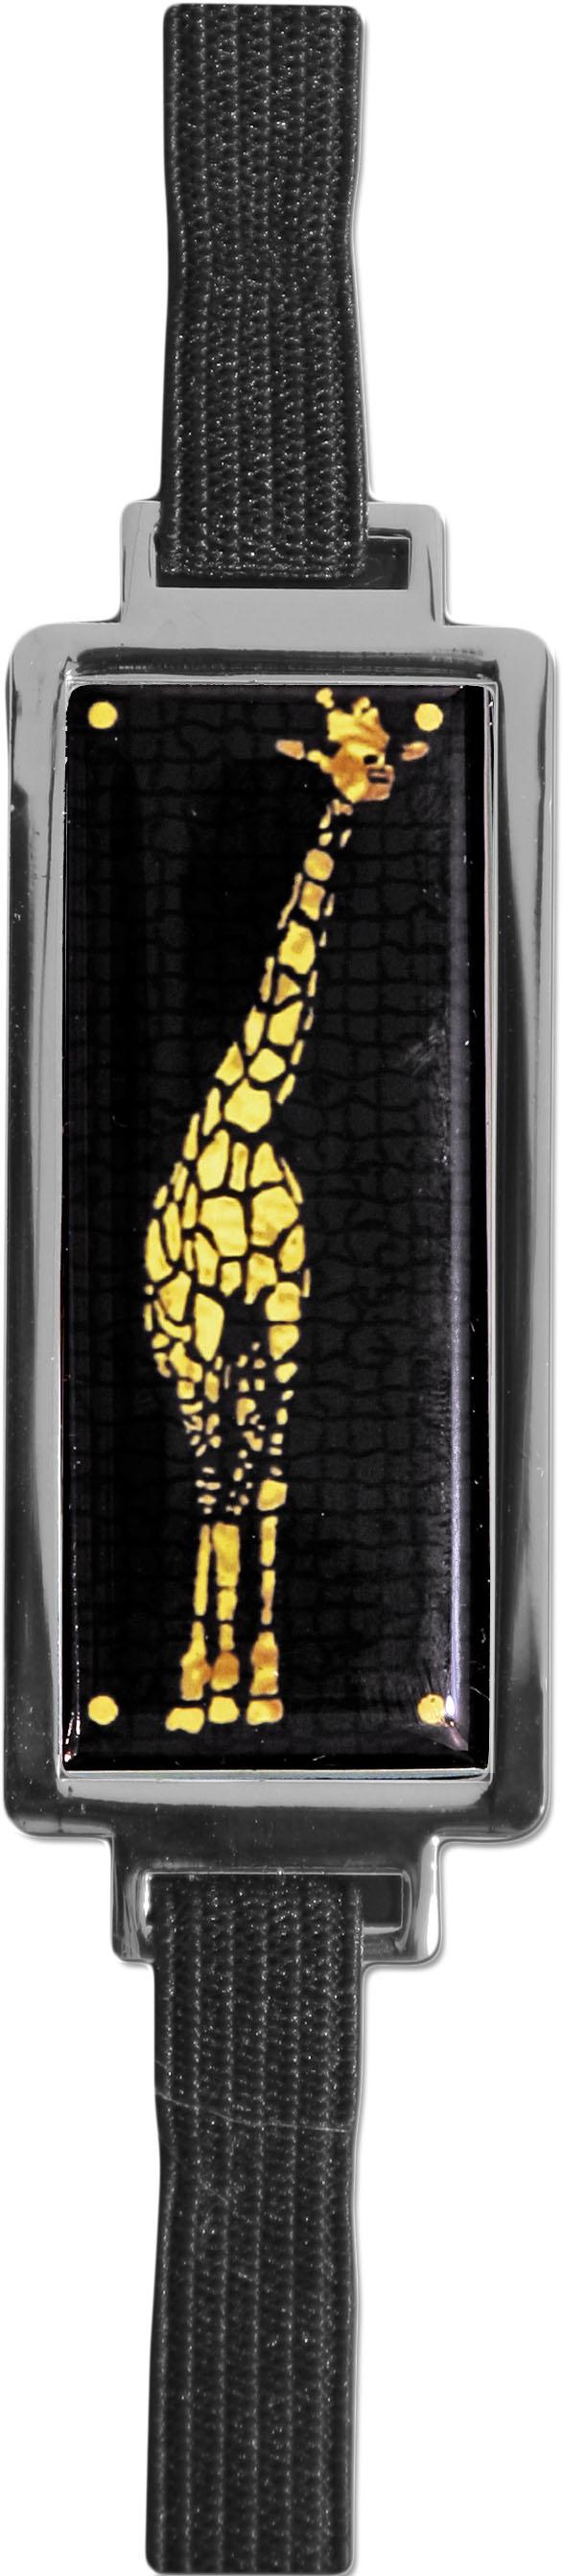 """Metall - Lesezeichen  """"Giraffe"""""""